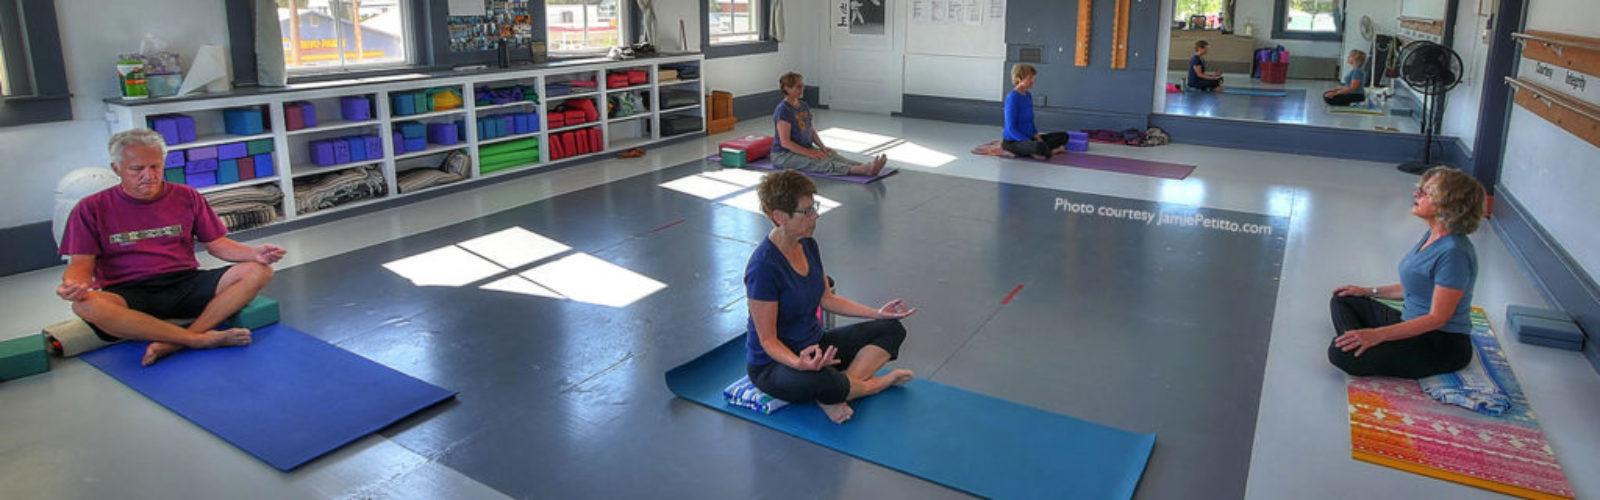 yoga-class-mvcca